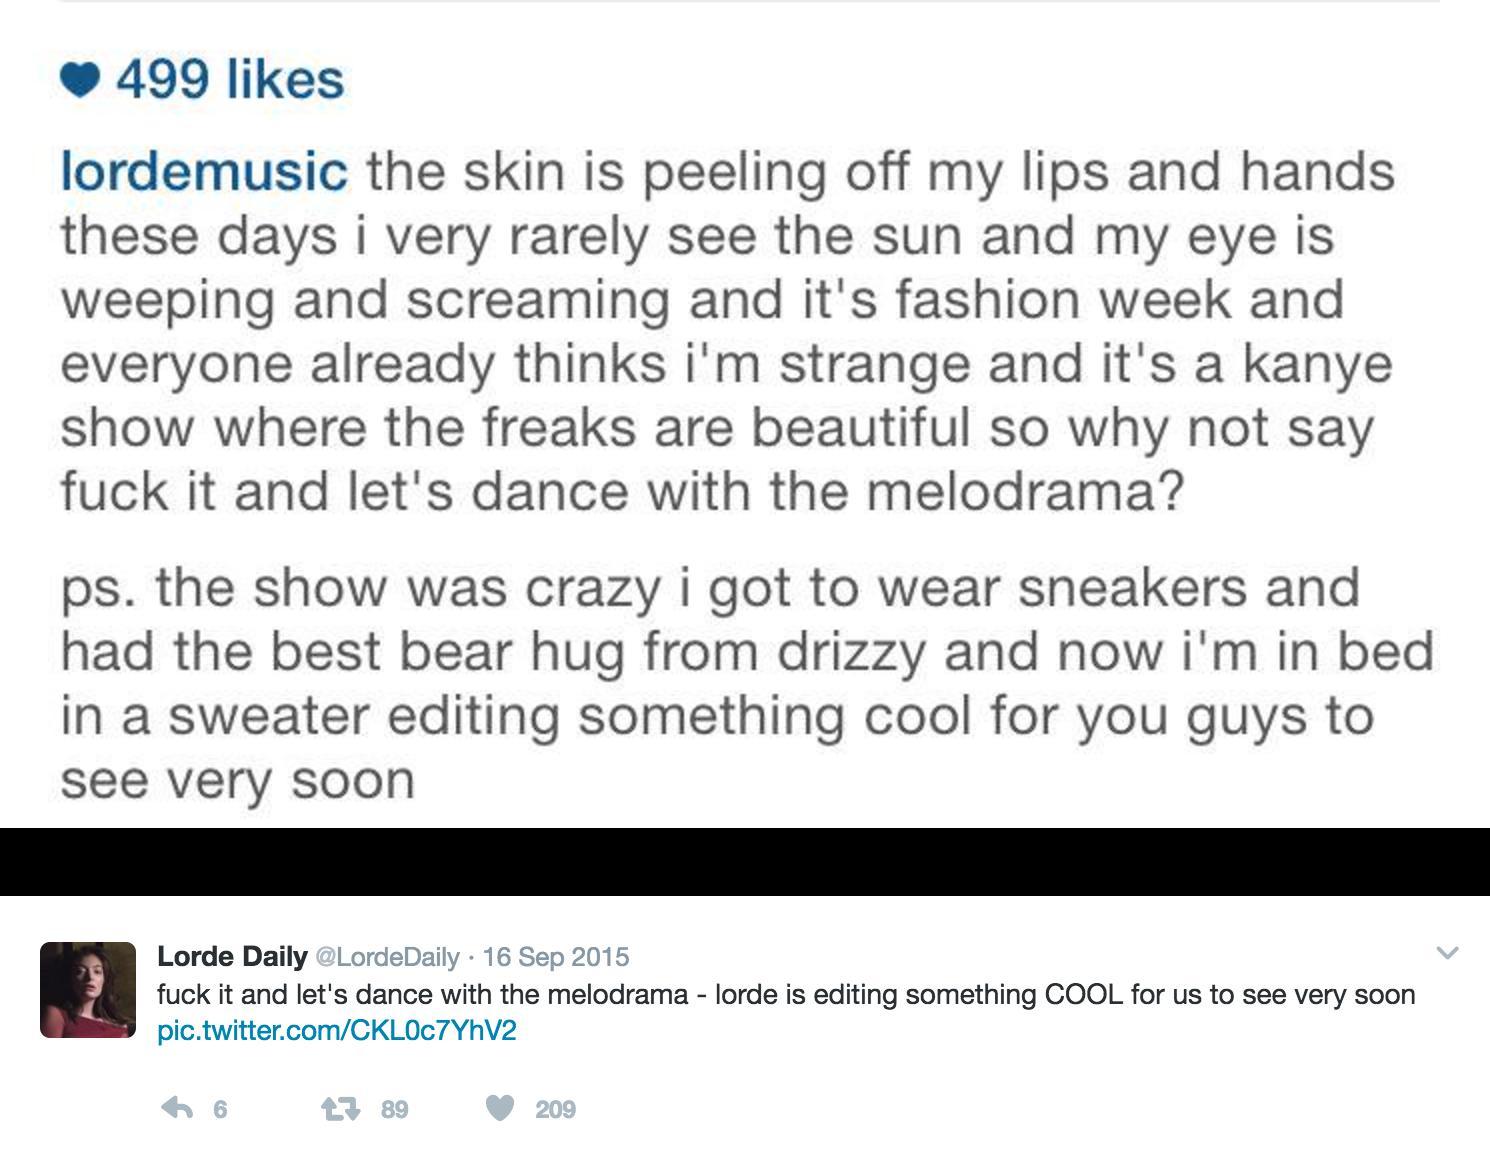 Lorde Tweet